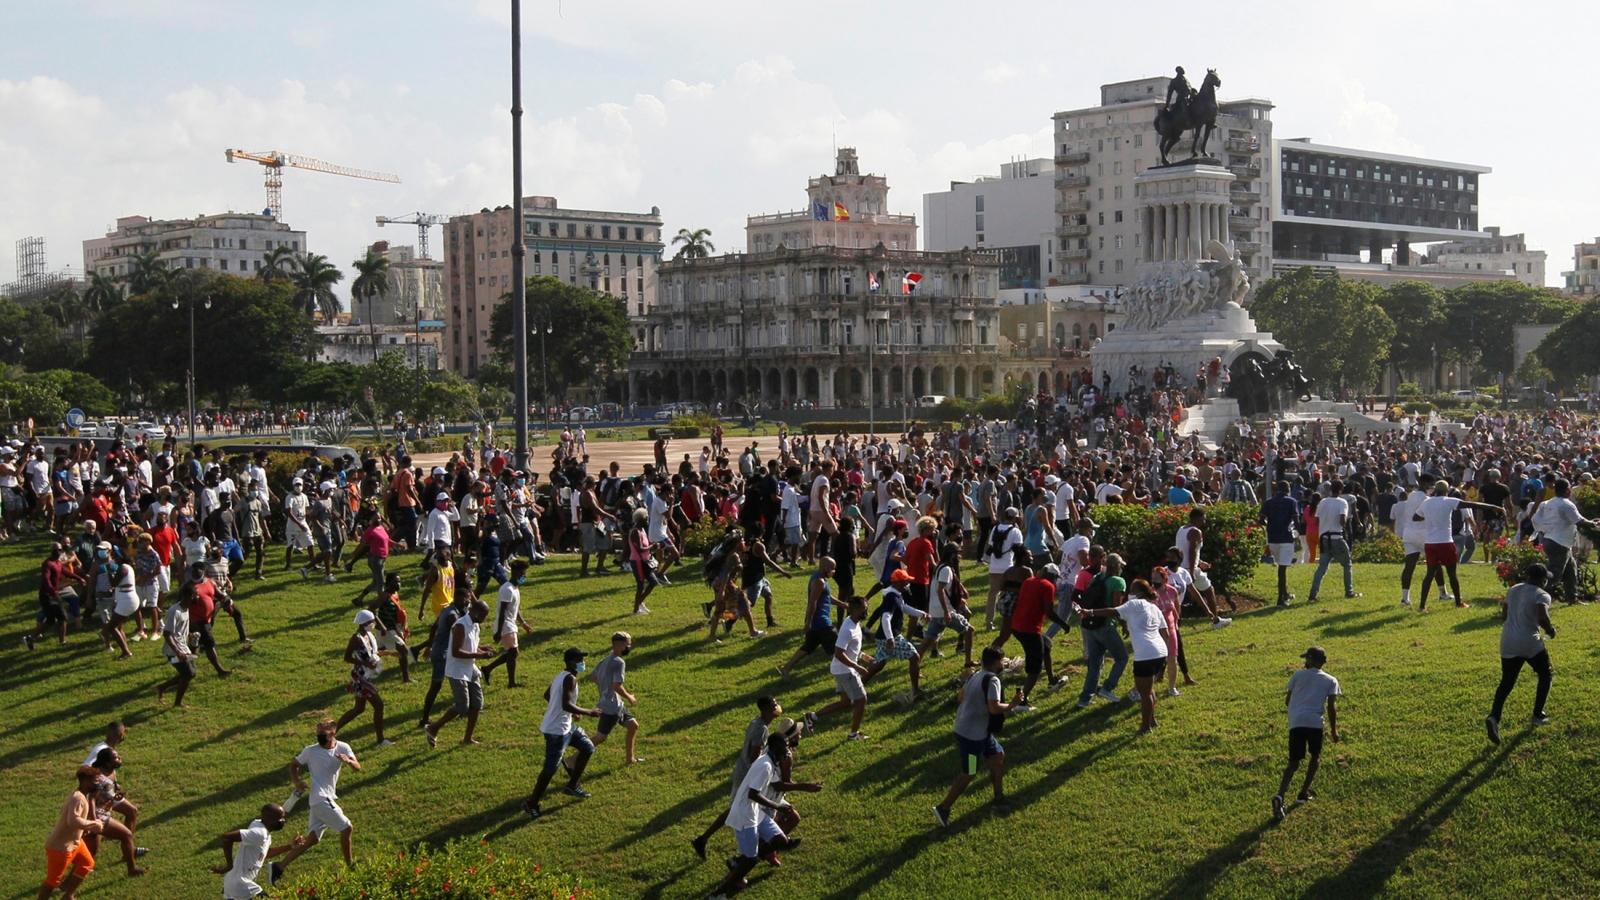 Lệnh cấm vận của Mỹ bịchỉ tríchlà nguyên nhân gây ra biểu tình ở Cuba